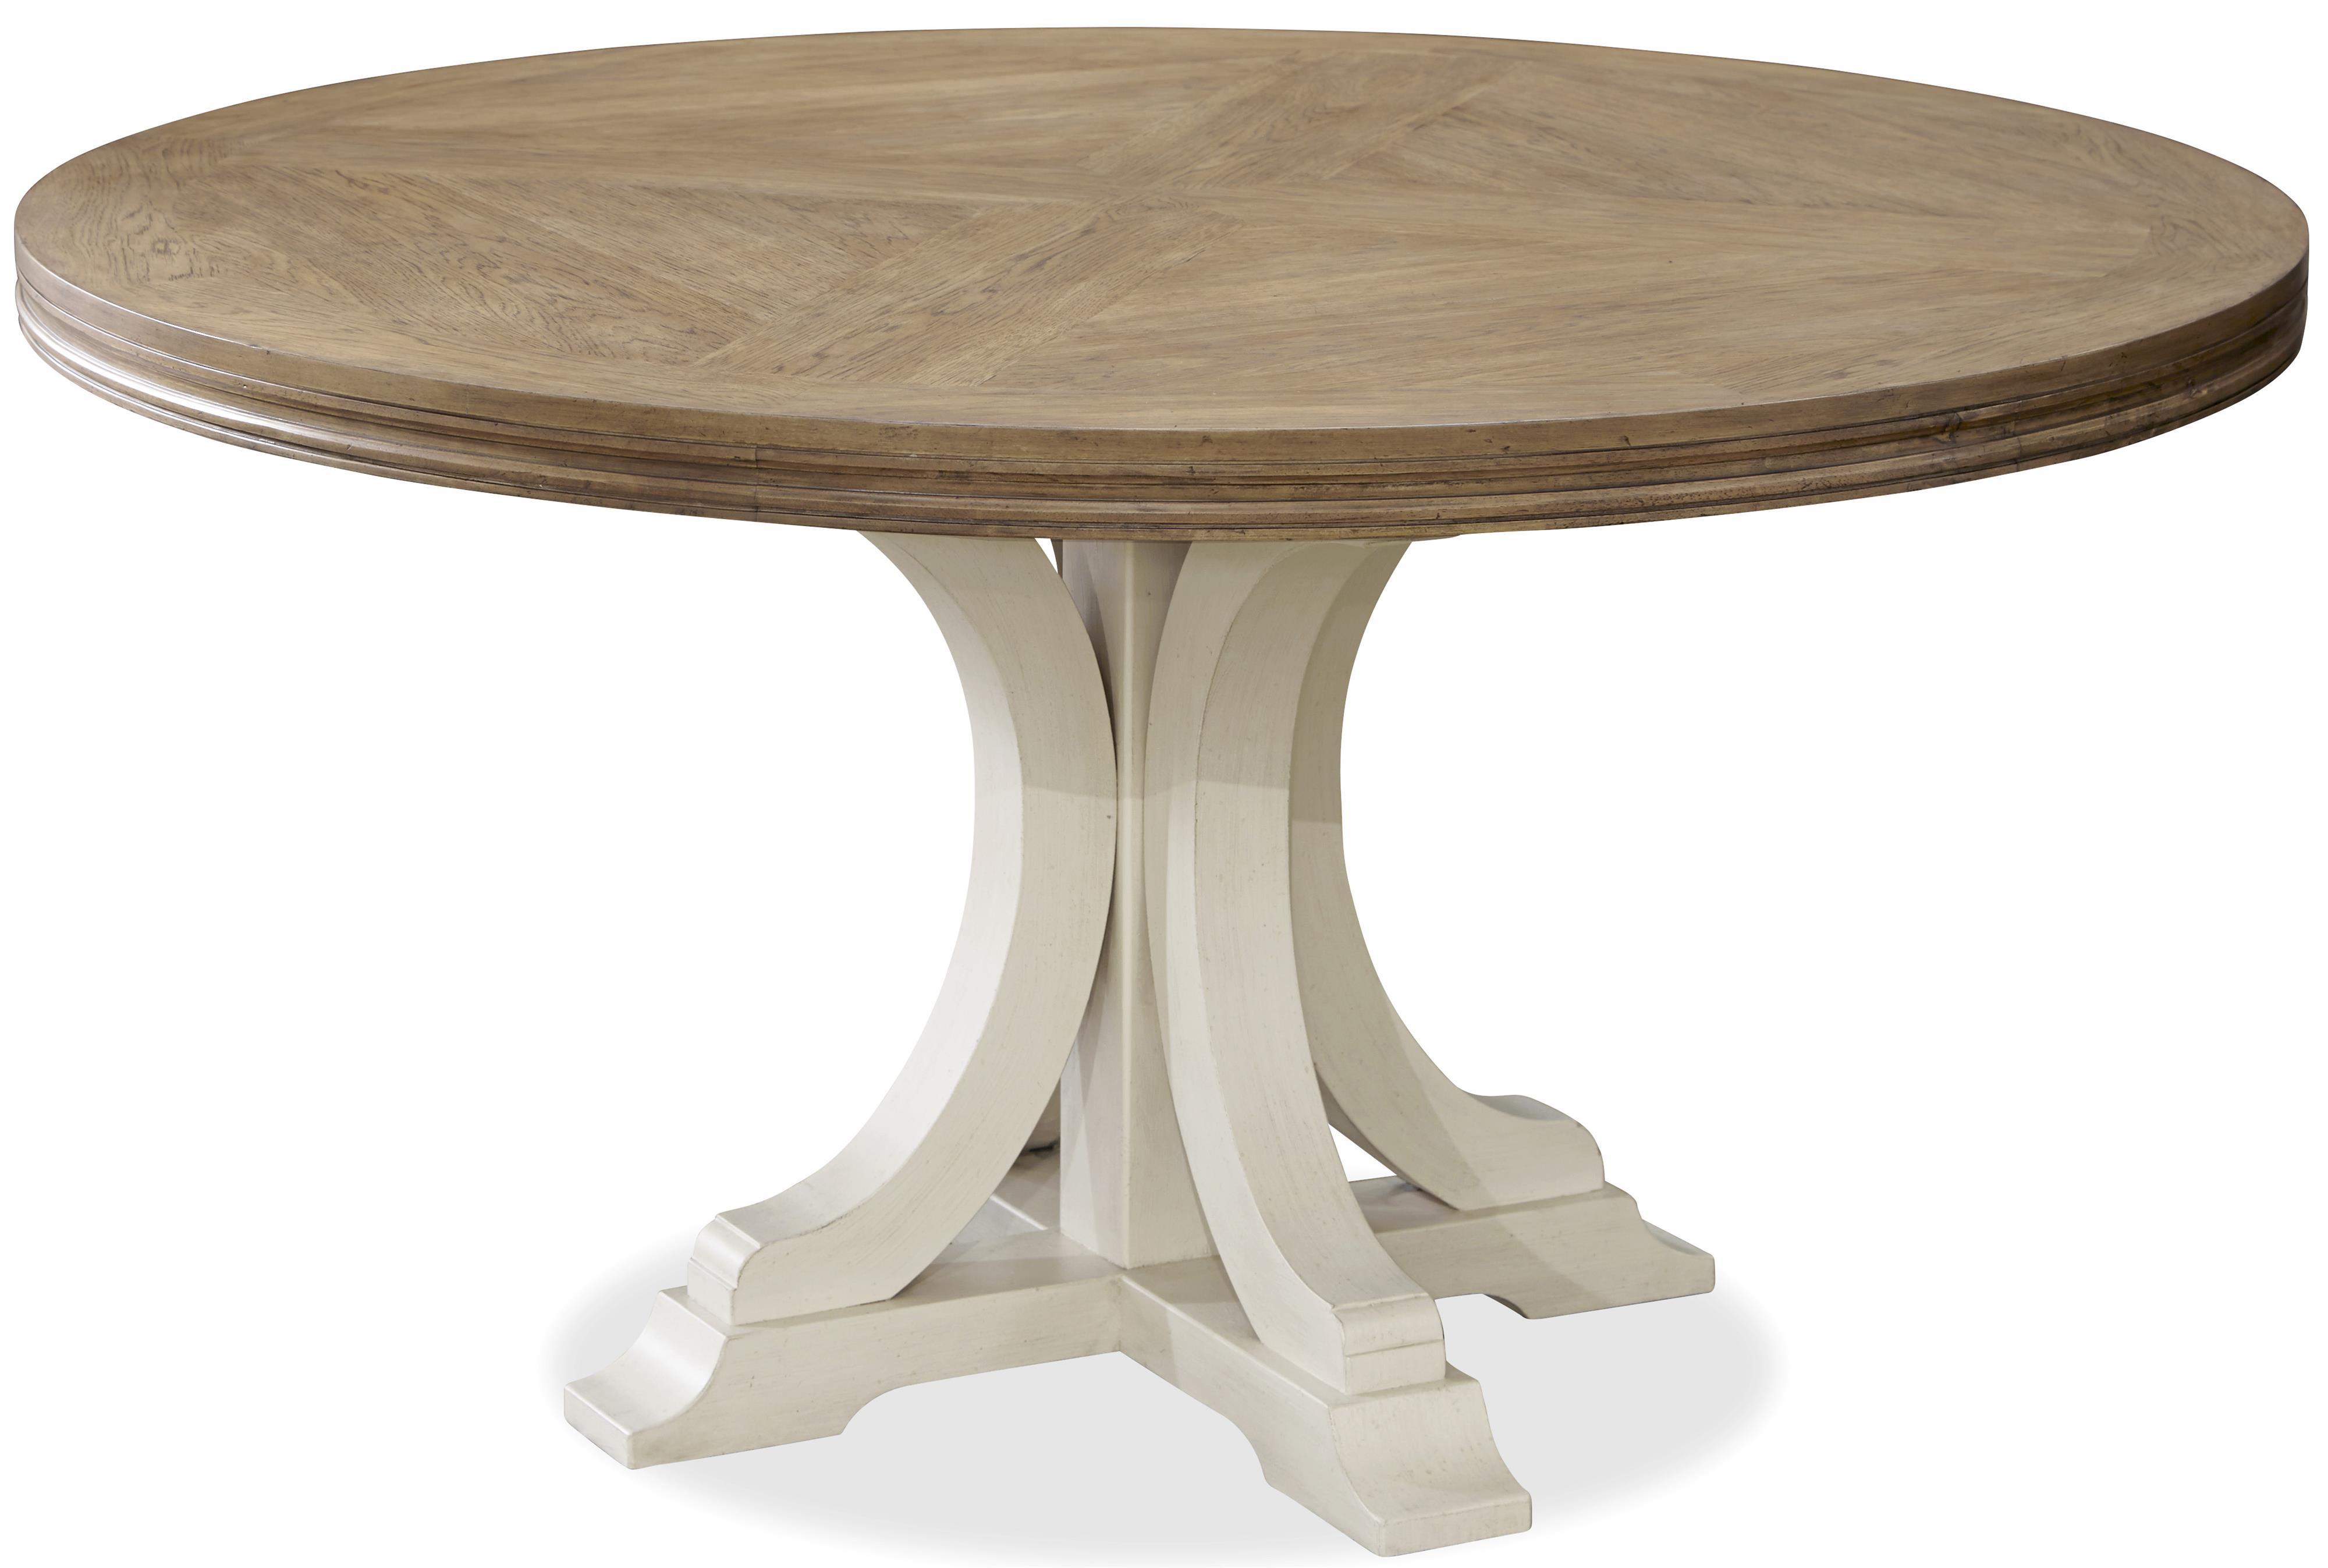 universal moderne muse round dining table with pedestal base jacksonville furniture mart. Black Bedroom Furniture Sets. Home Design Ideas